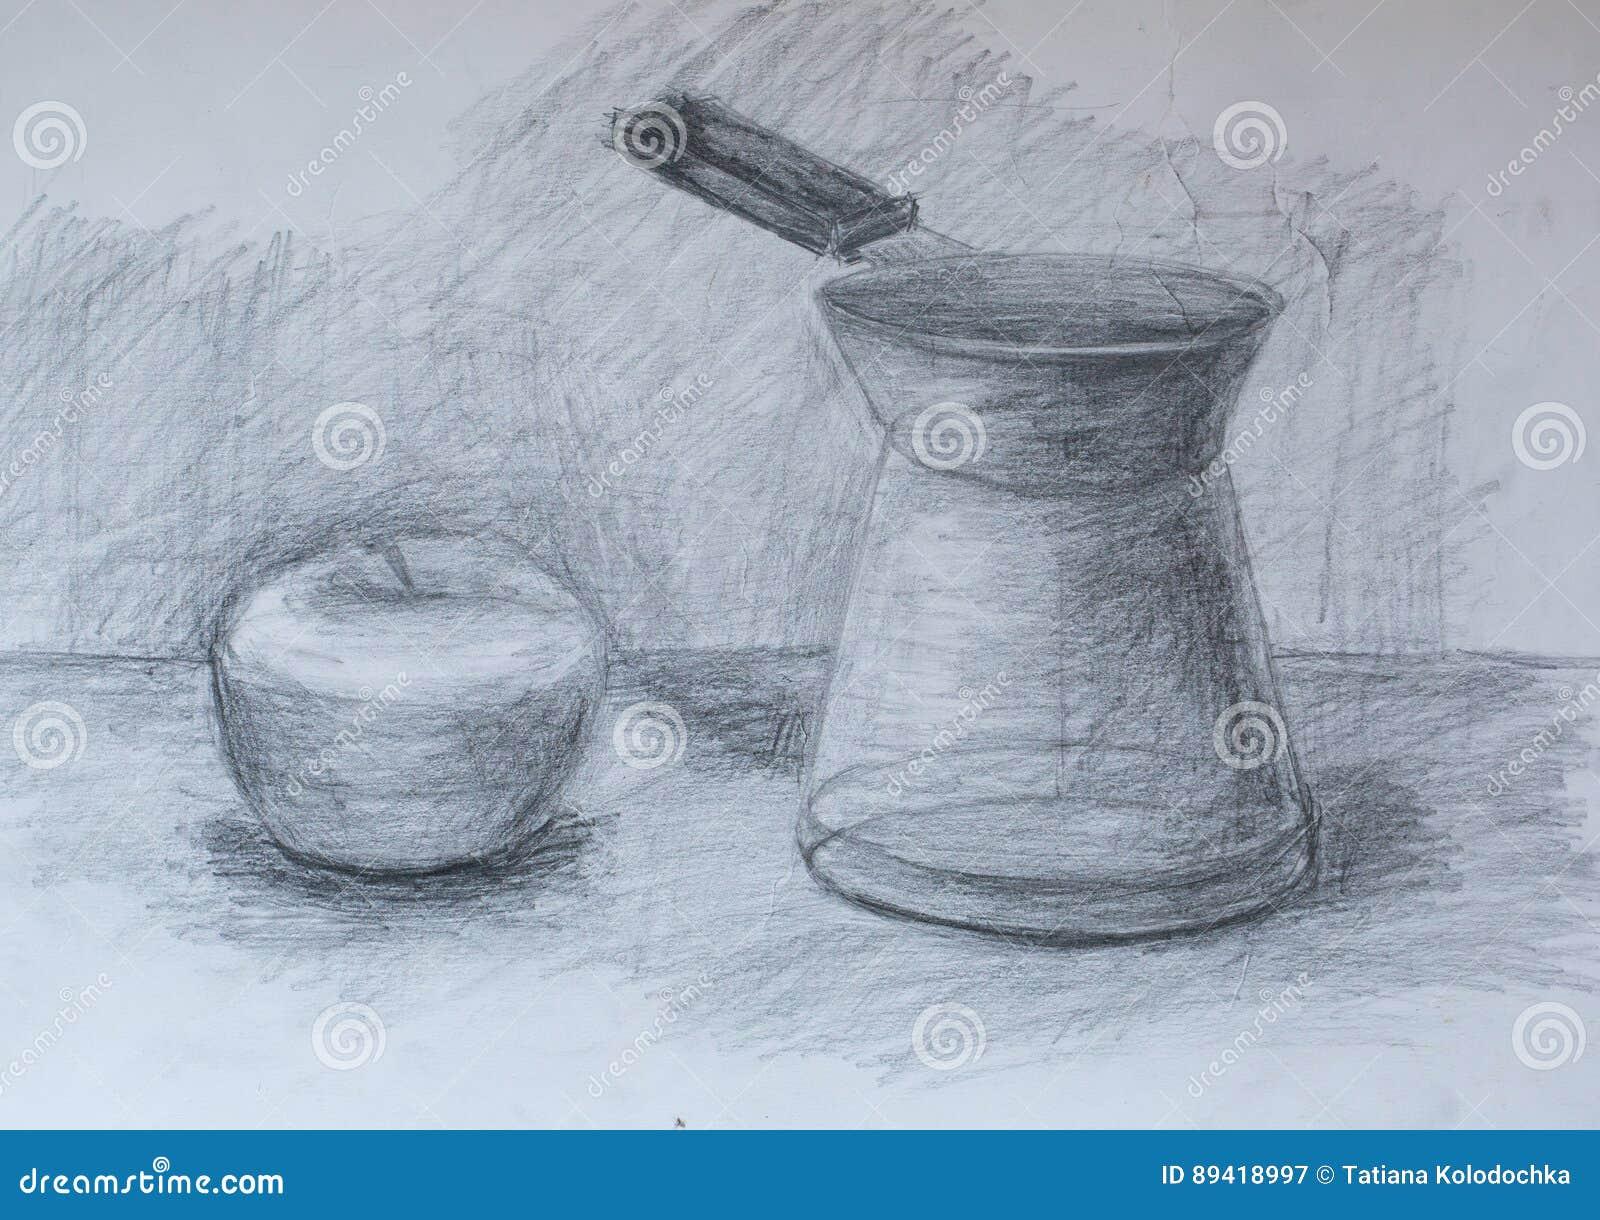 Stillleben Bleistift Zeichnung Stock Abbildung Illustration Von